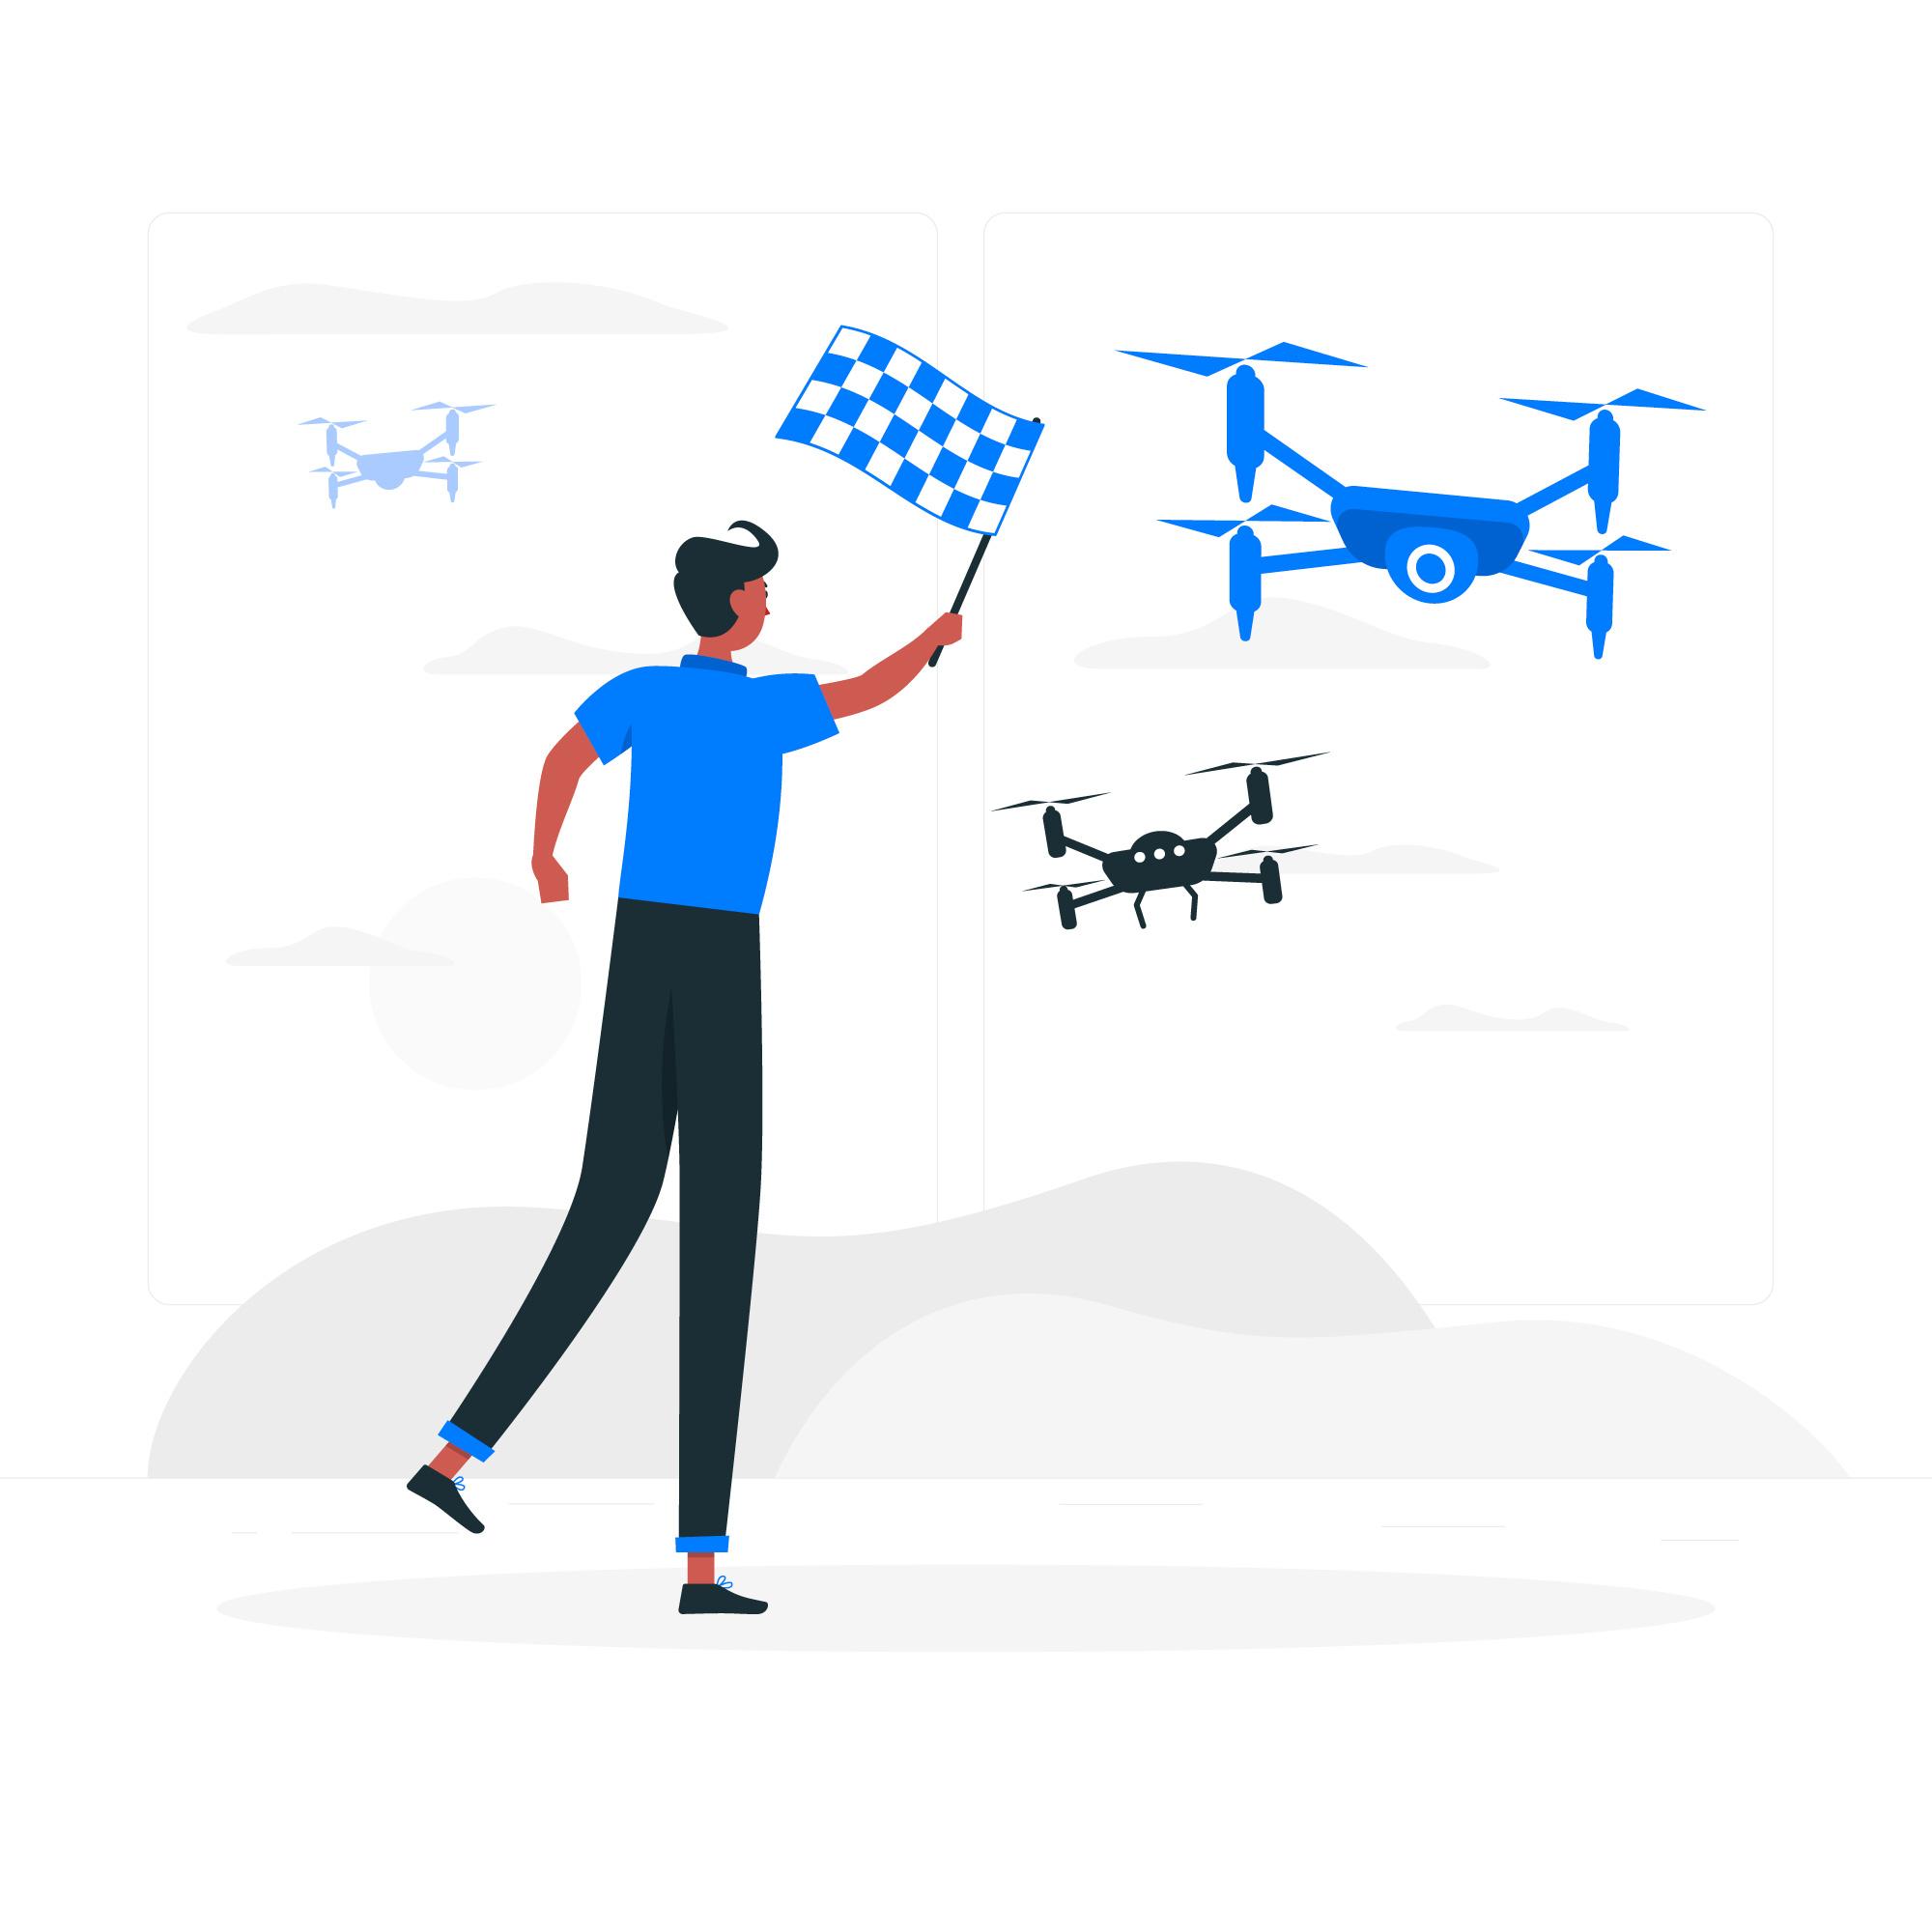 llegada a meta de drones